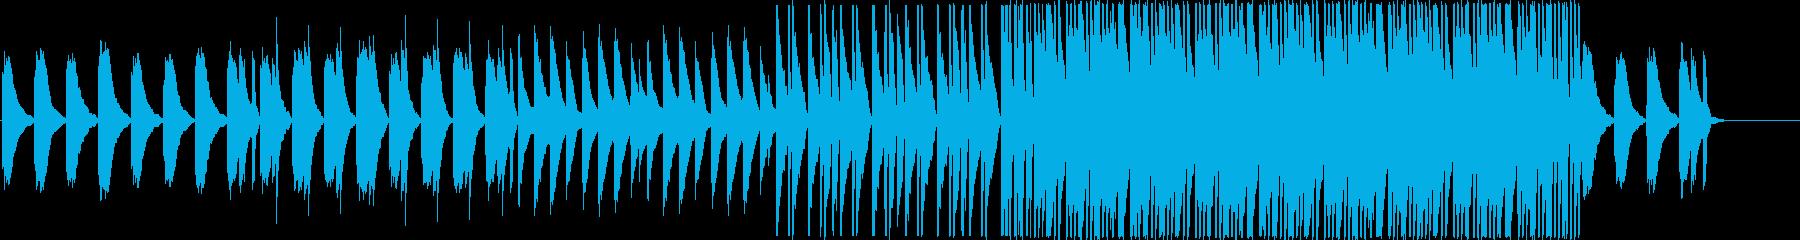 ピアノの優しいメロディーのリラックス曲の再生済みの波形